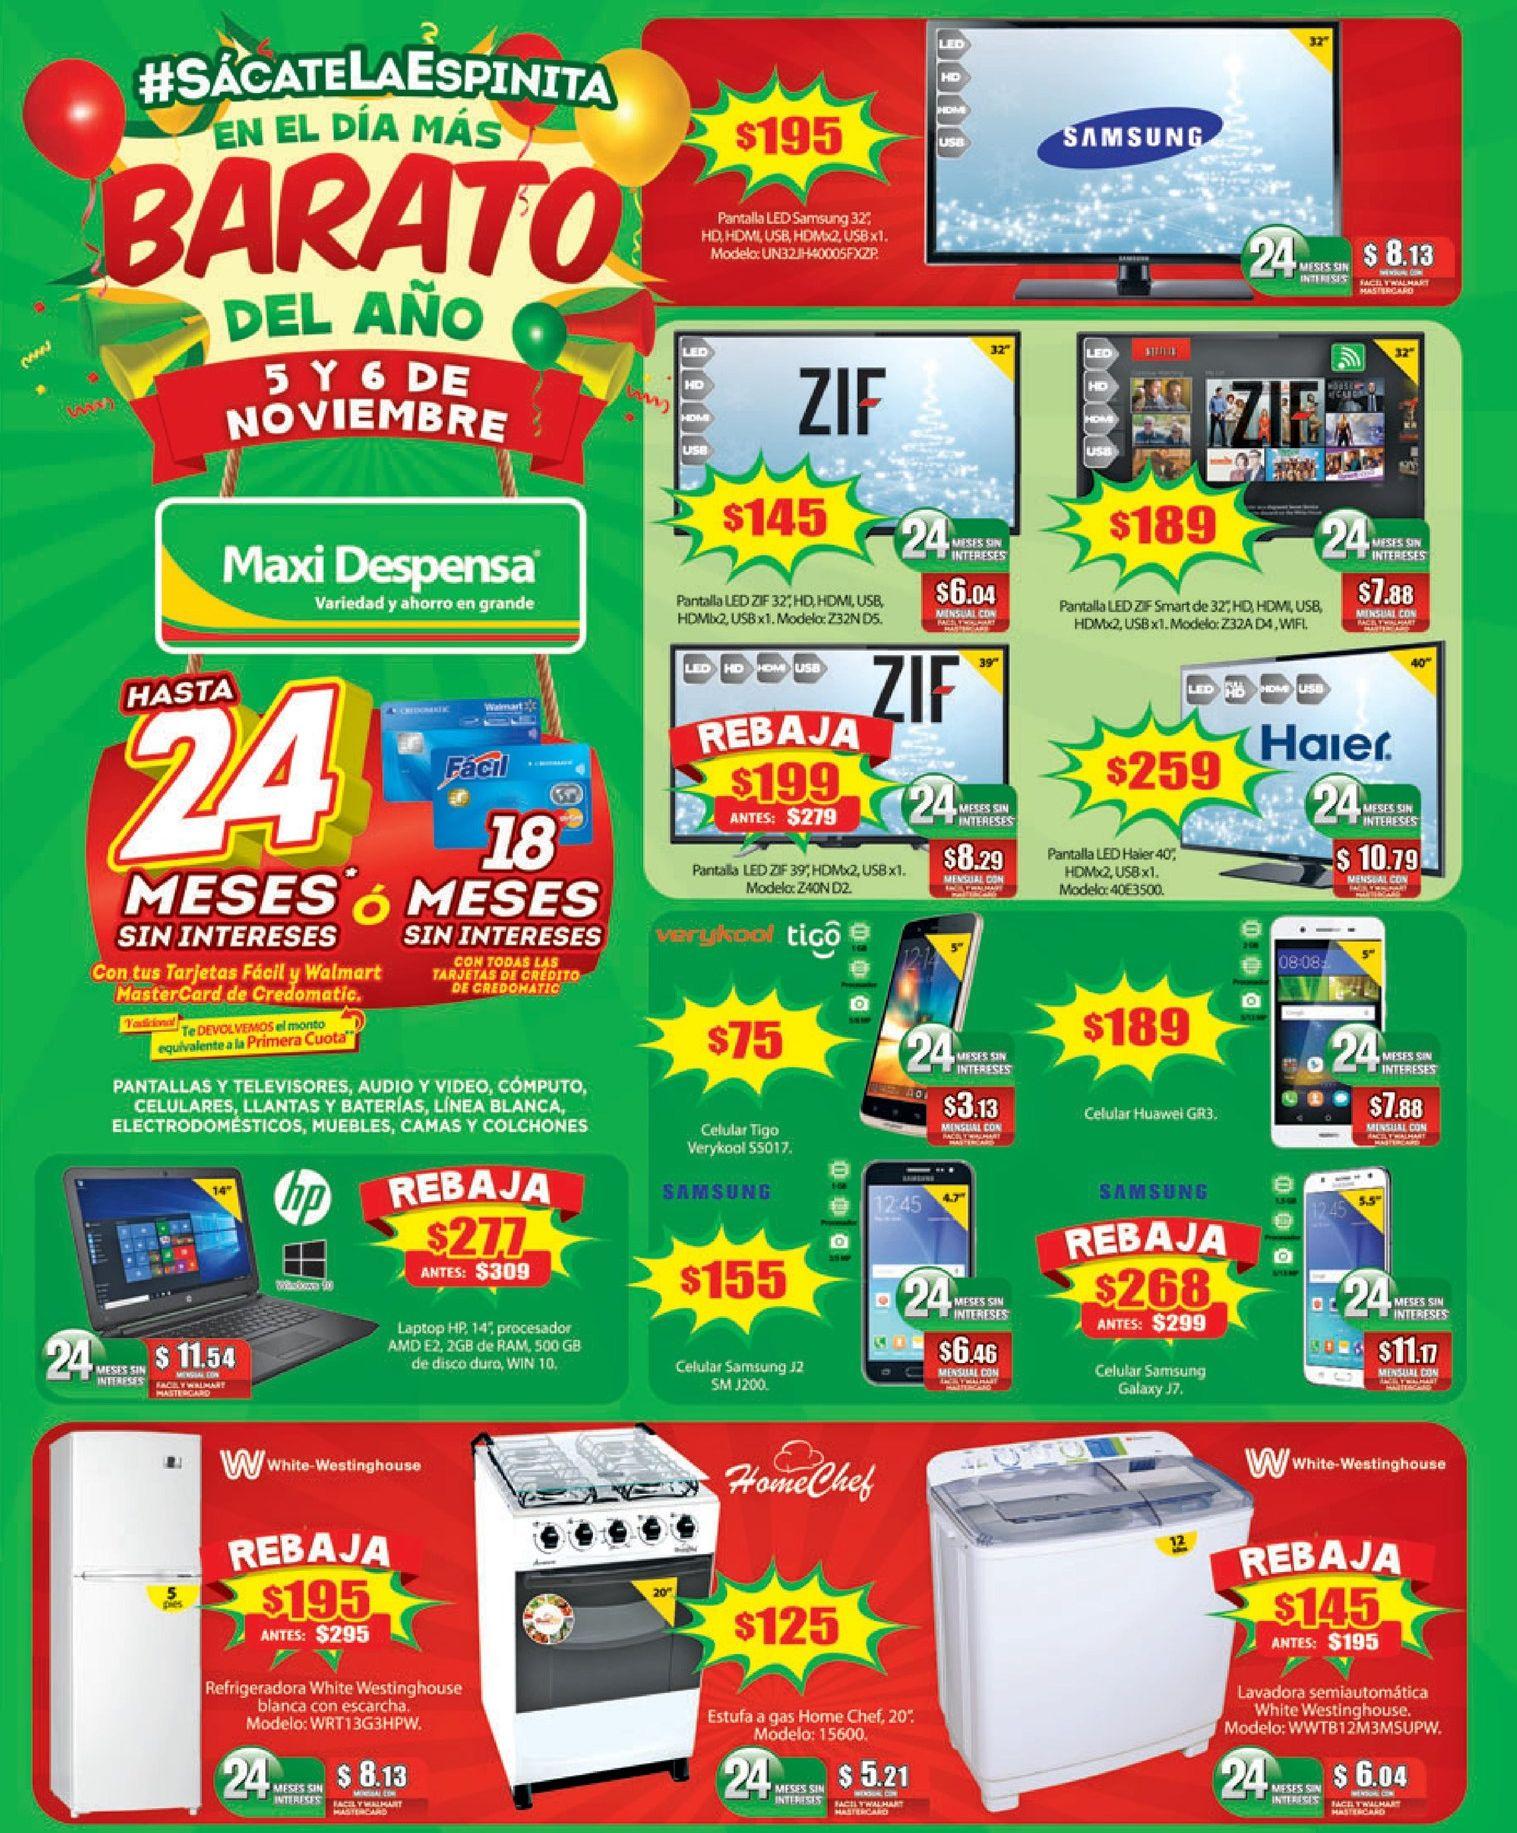 maxi-despensa-precios-bajos-del-ano-2016-en-electrodomesticos